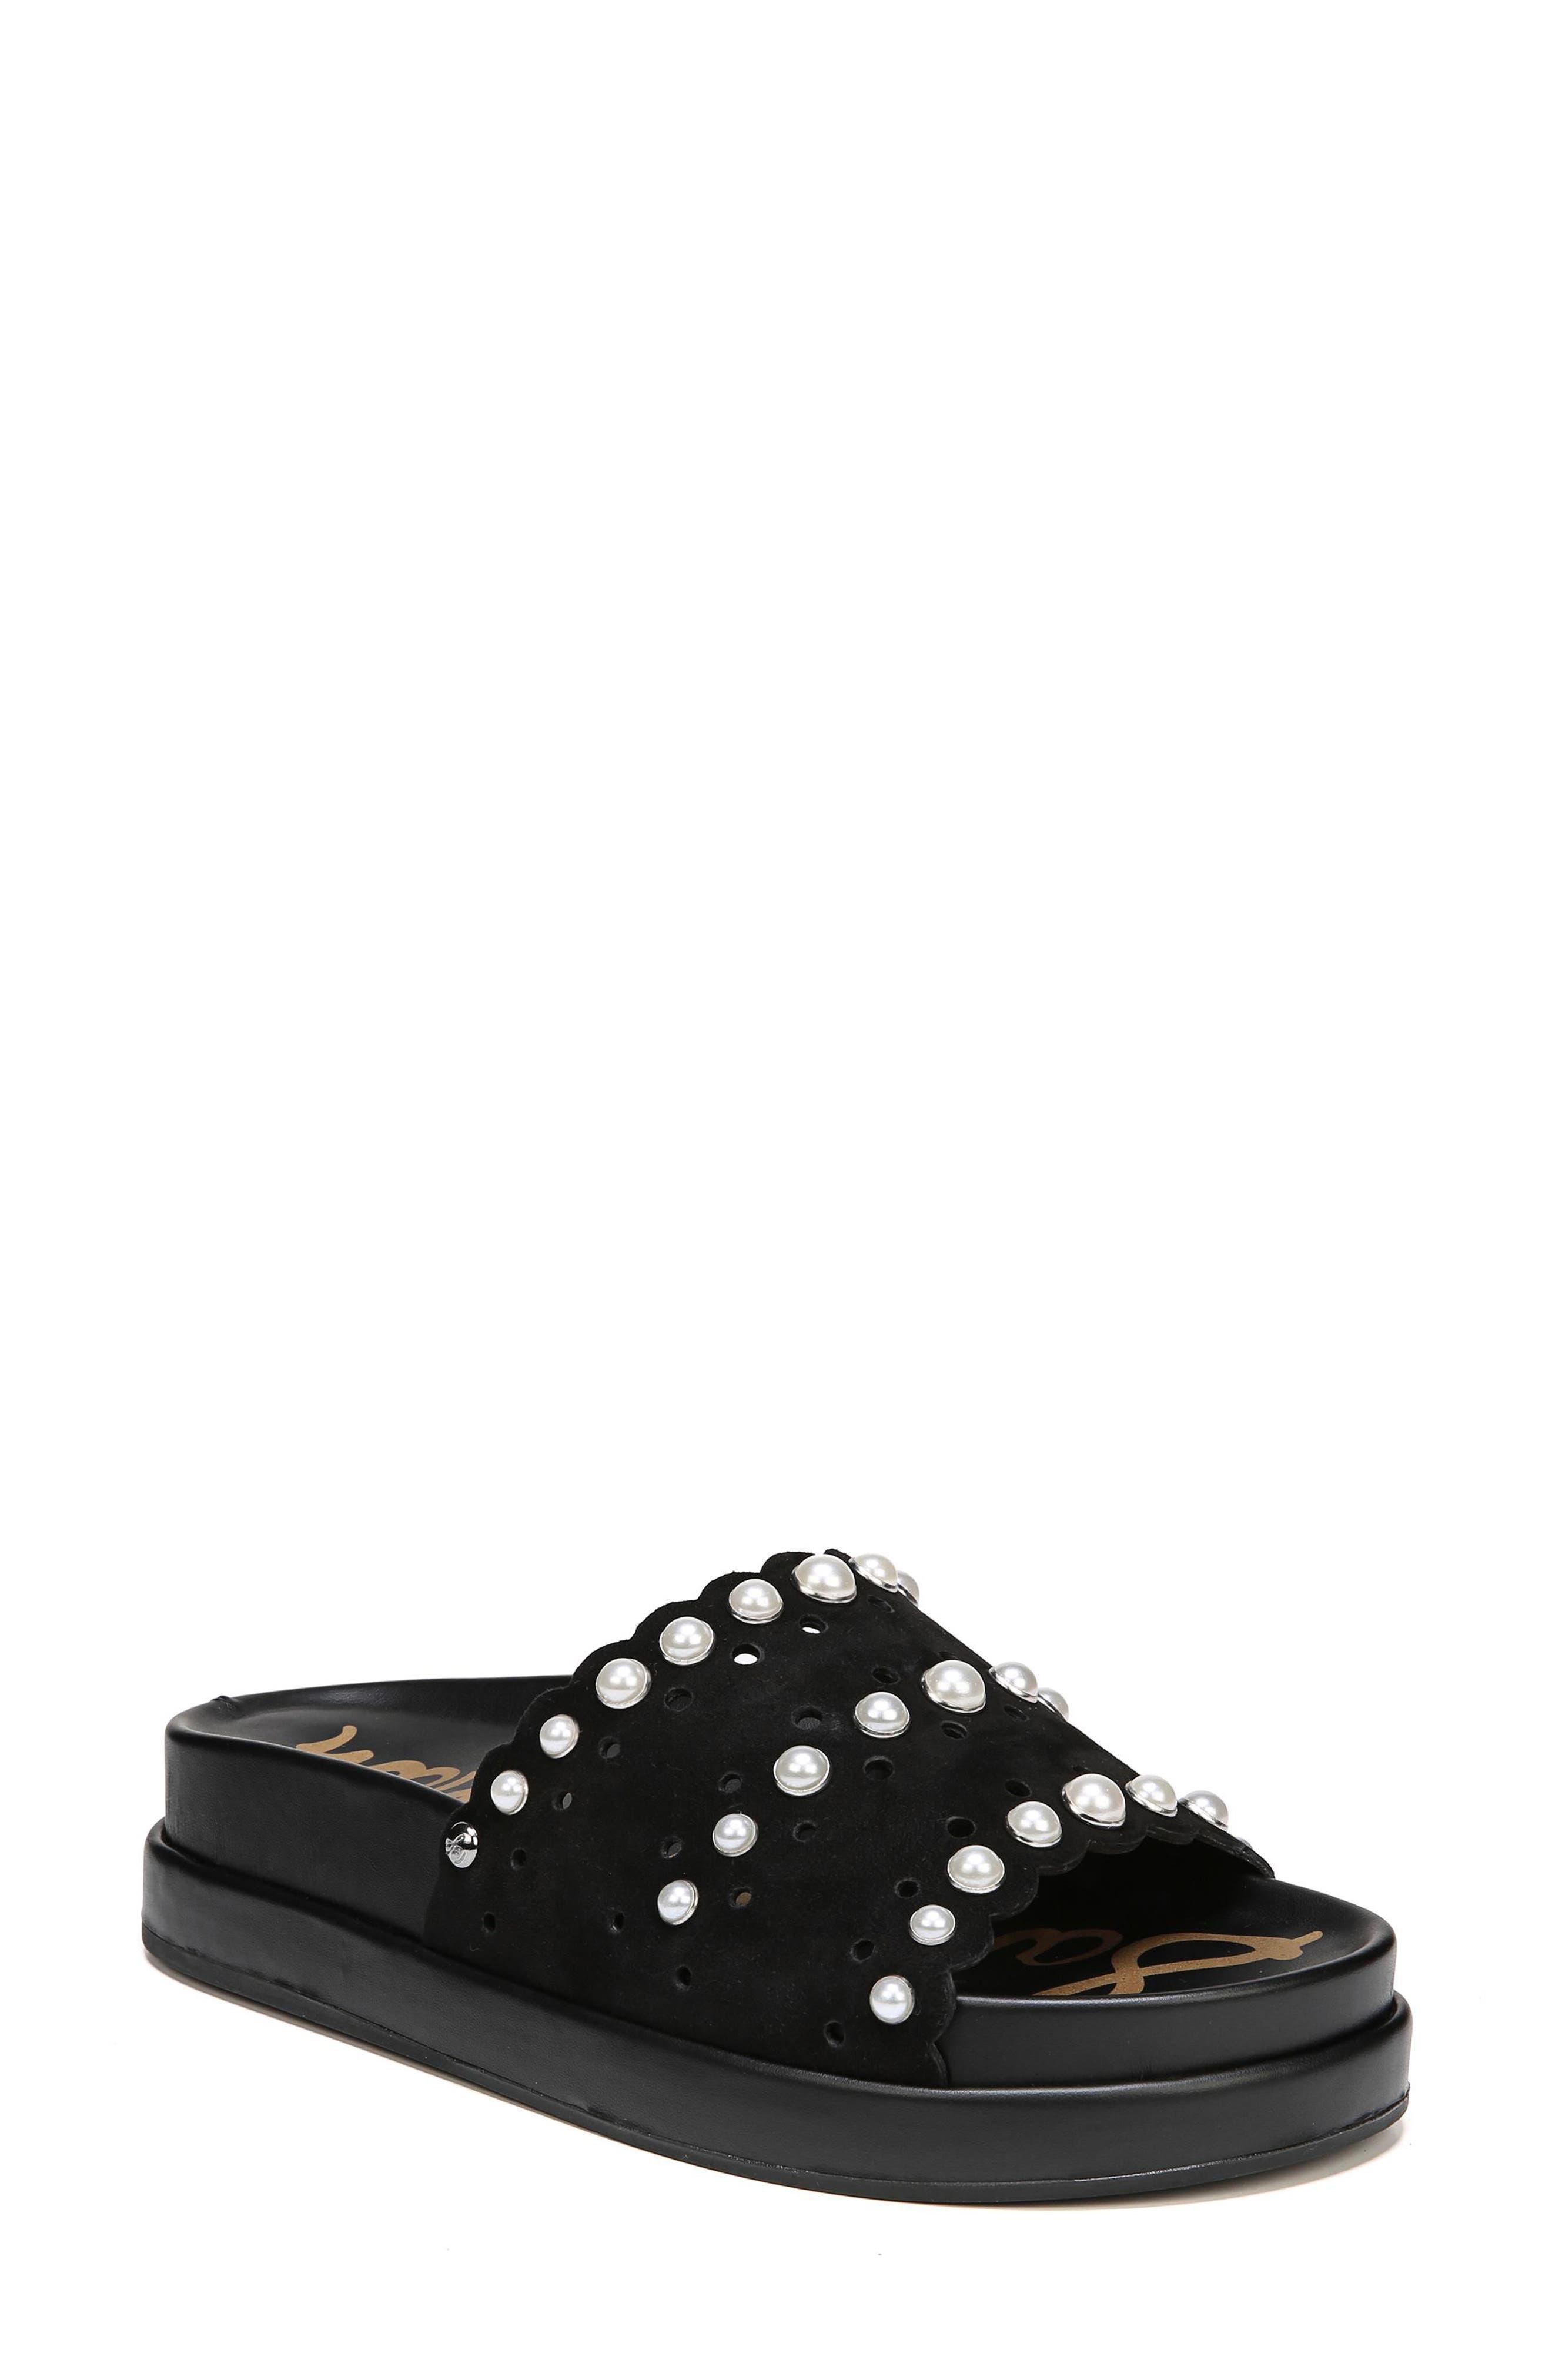 Sera Slide Sandal,                         Main,                         color, BLACK SUEDE